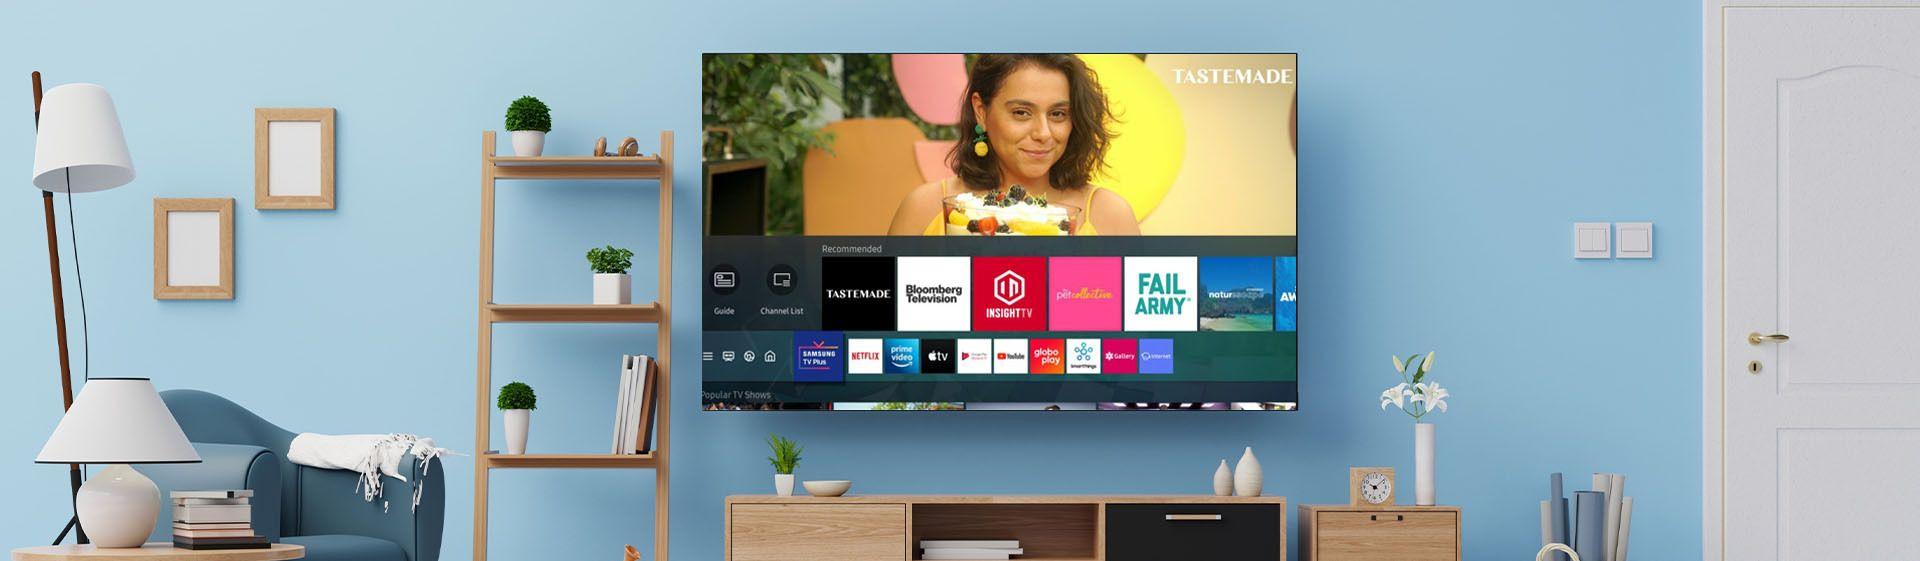 Samsung TV Plus é o novo streaming da marca; confira mais detalhes